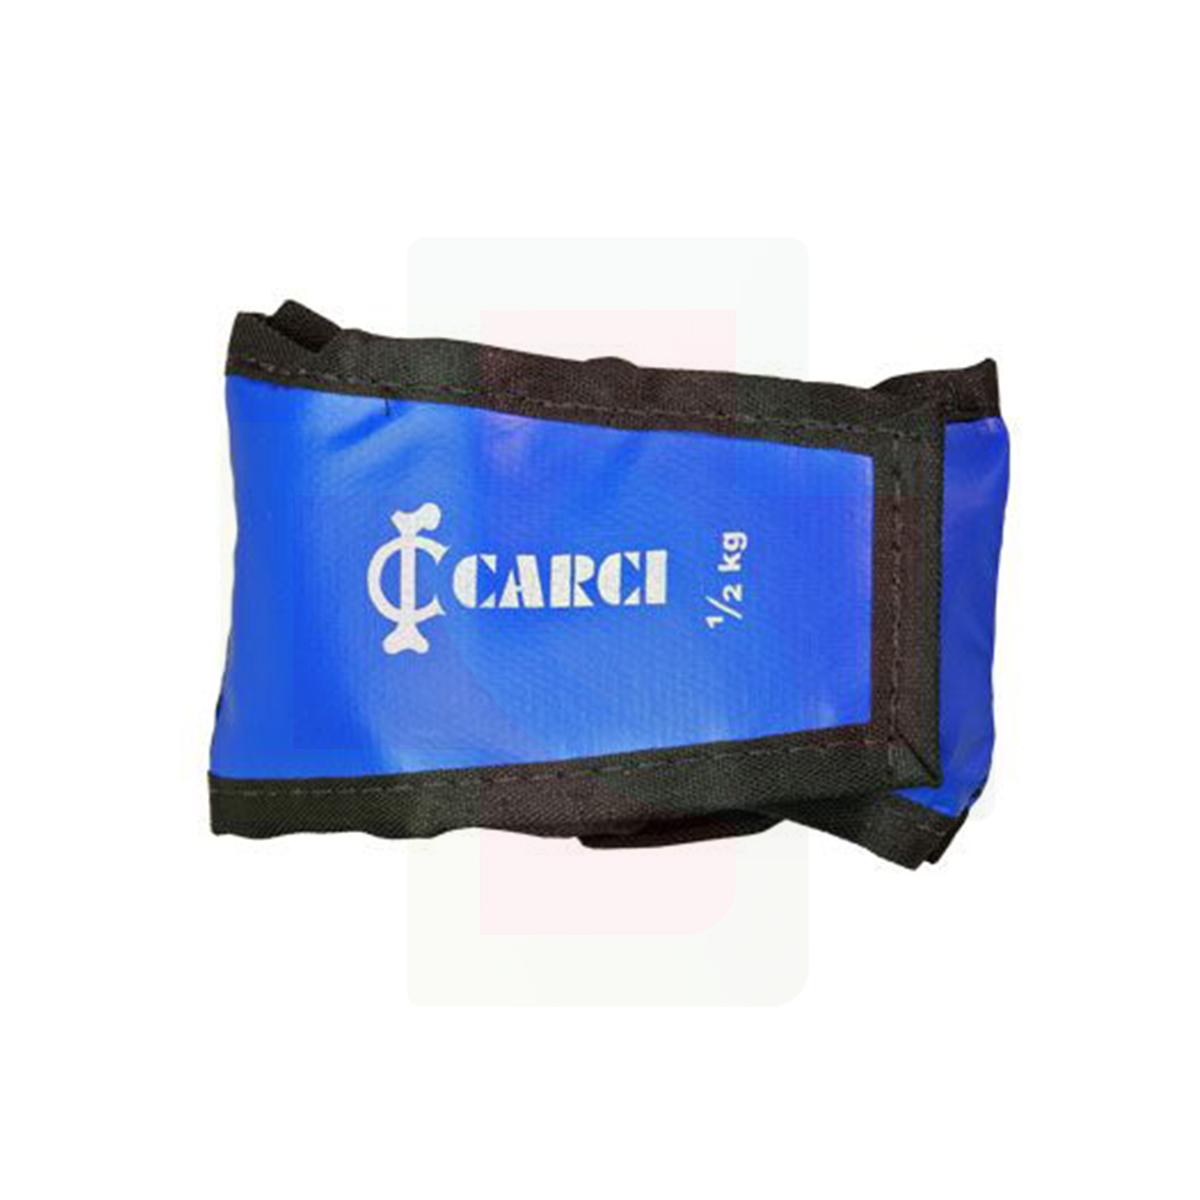 CANELEIRA TORNOZELEIRA 500GRS / 0,5 KG (UND) 04016 - CARCI